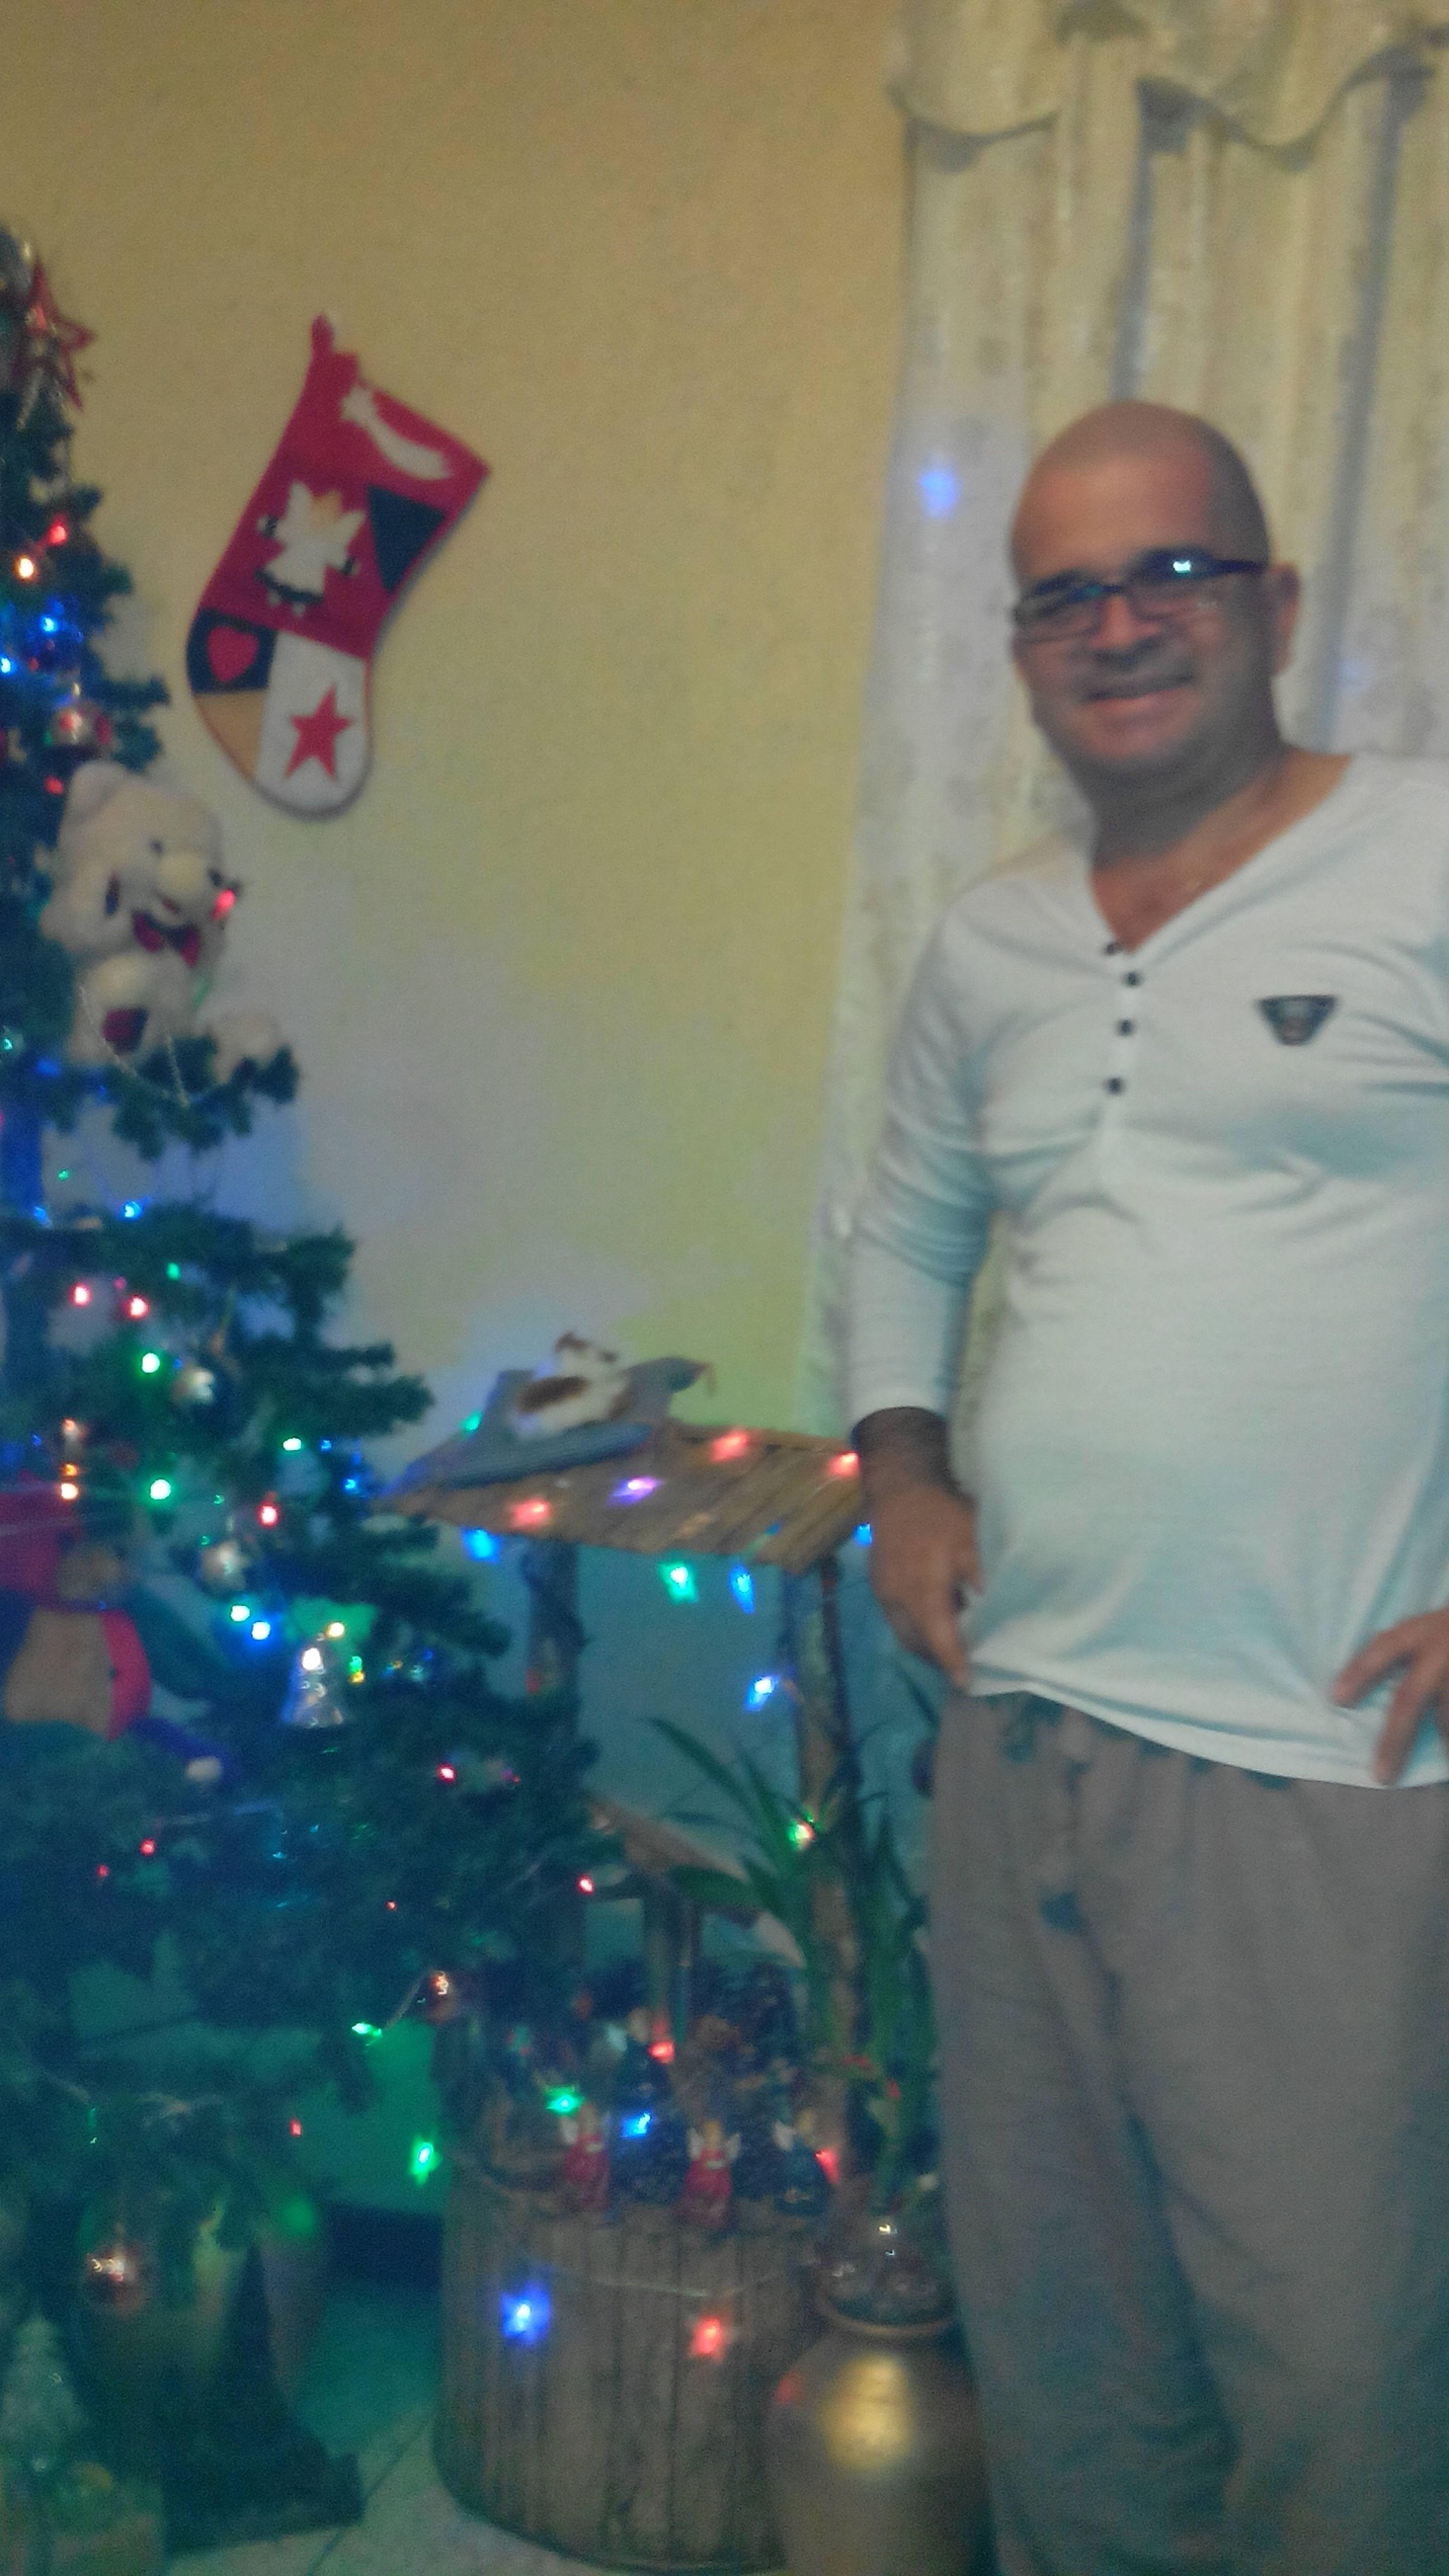 RePicture Givingfeliz con la navidad